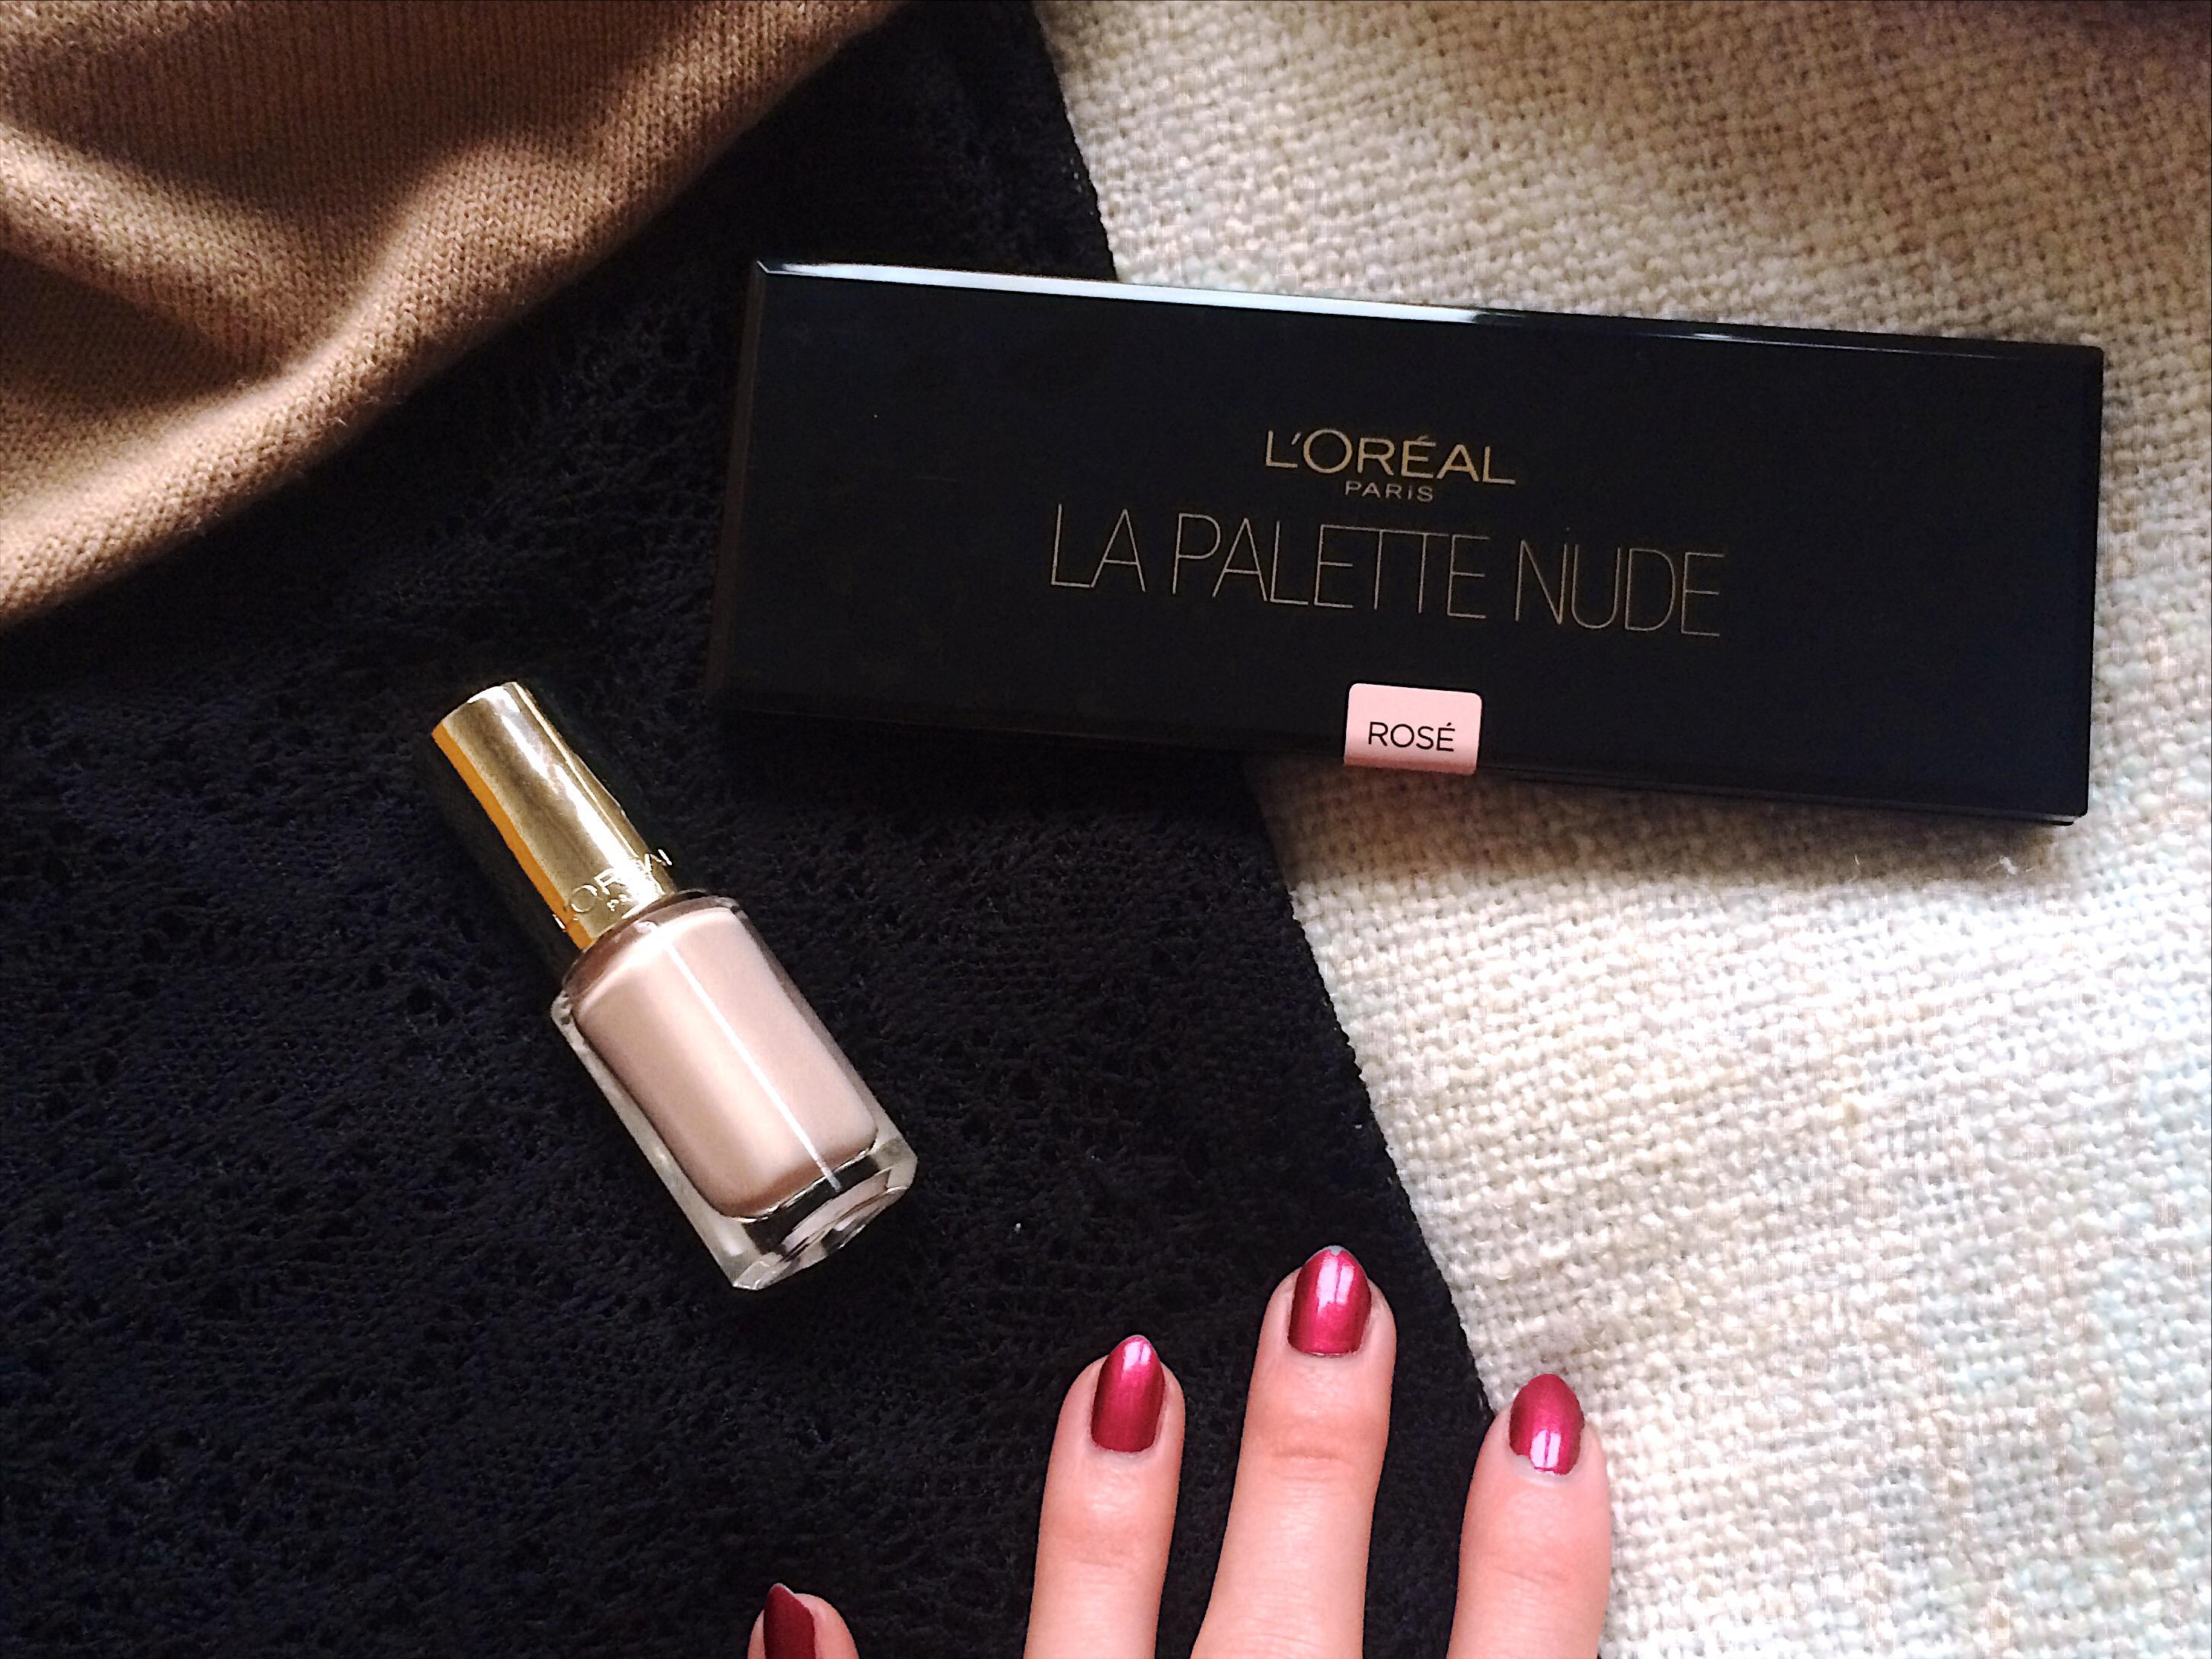 L'Oréal La Palette Nude 01 Rosé closed